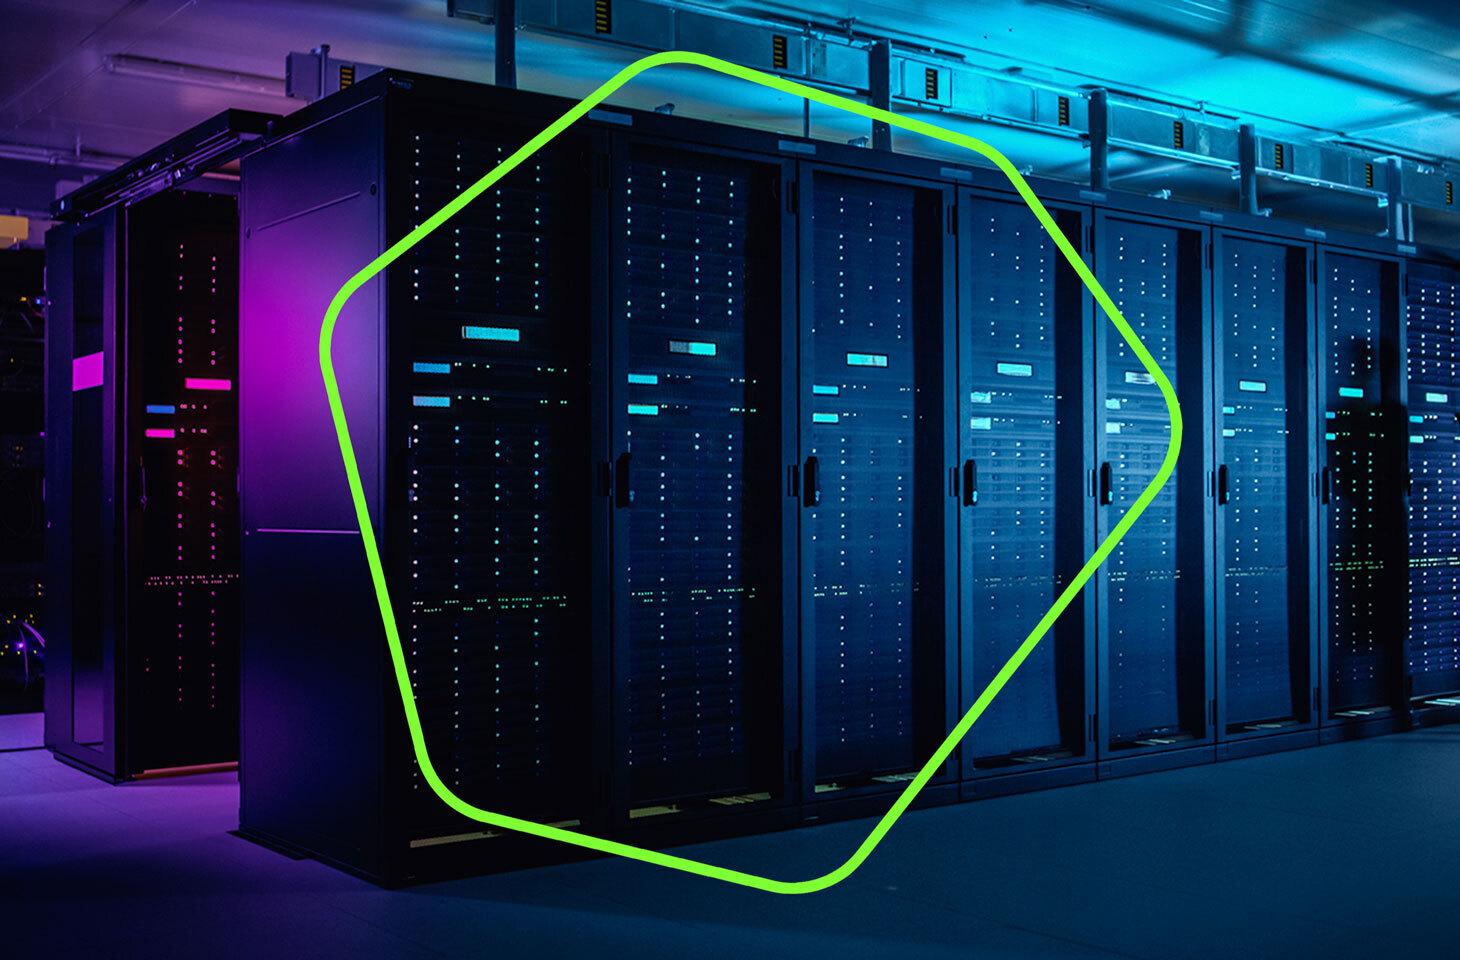 İzole edilmiş bir alt ağ ne kadar güvenlidir?